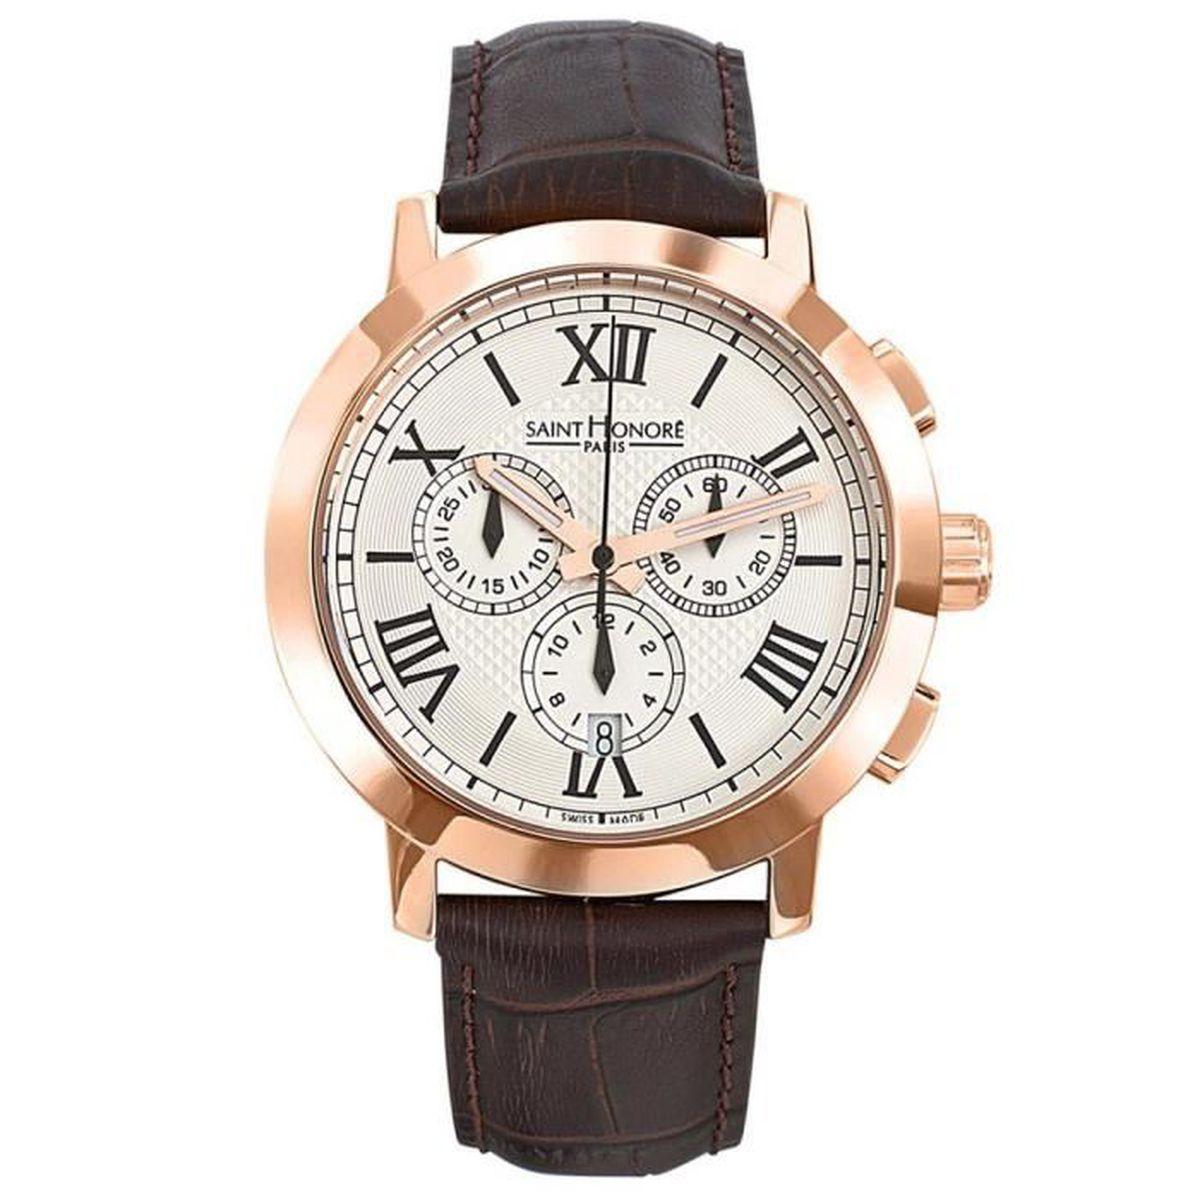 montre saint honor cuir marron achat vente montre montre saint honor cuir cdiscount. Black Bedroom Furniture Sets. Home Design Ideas